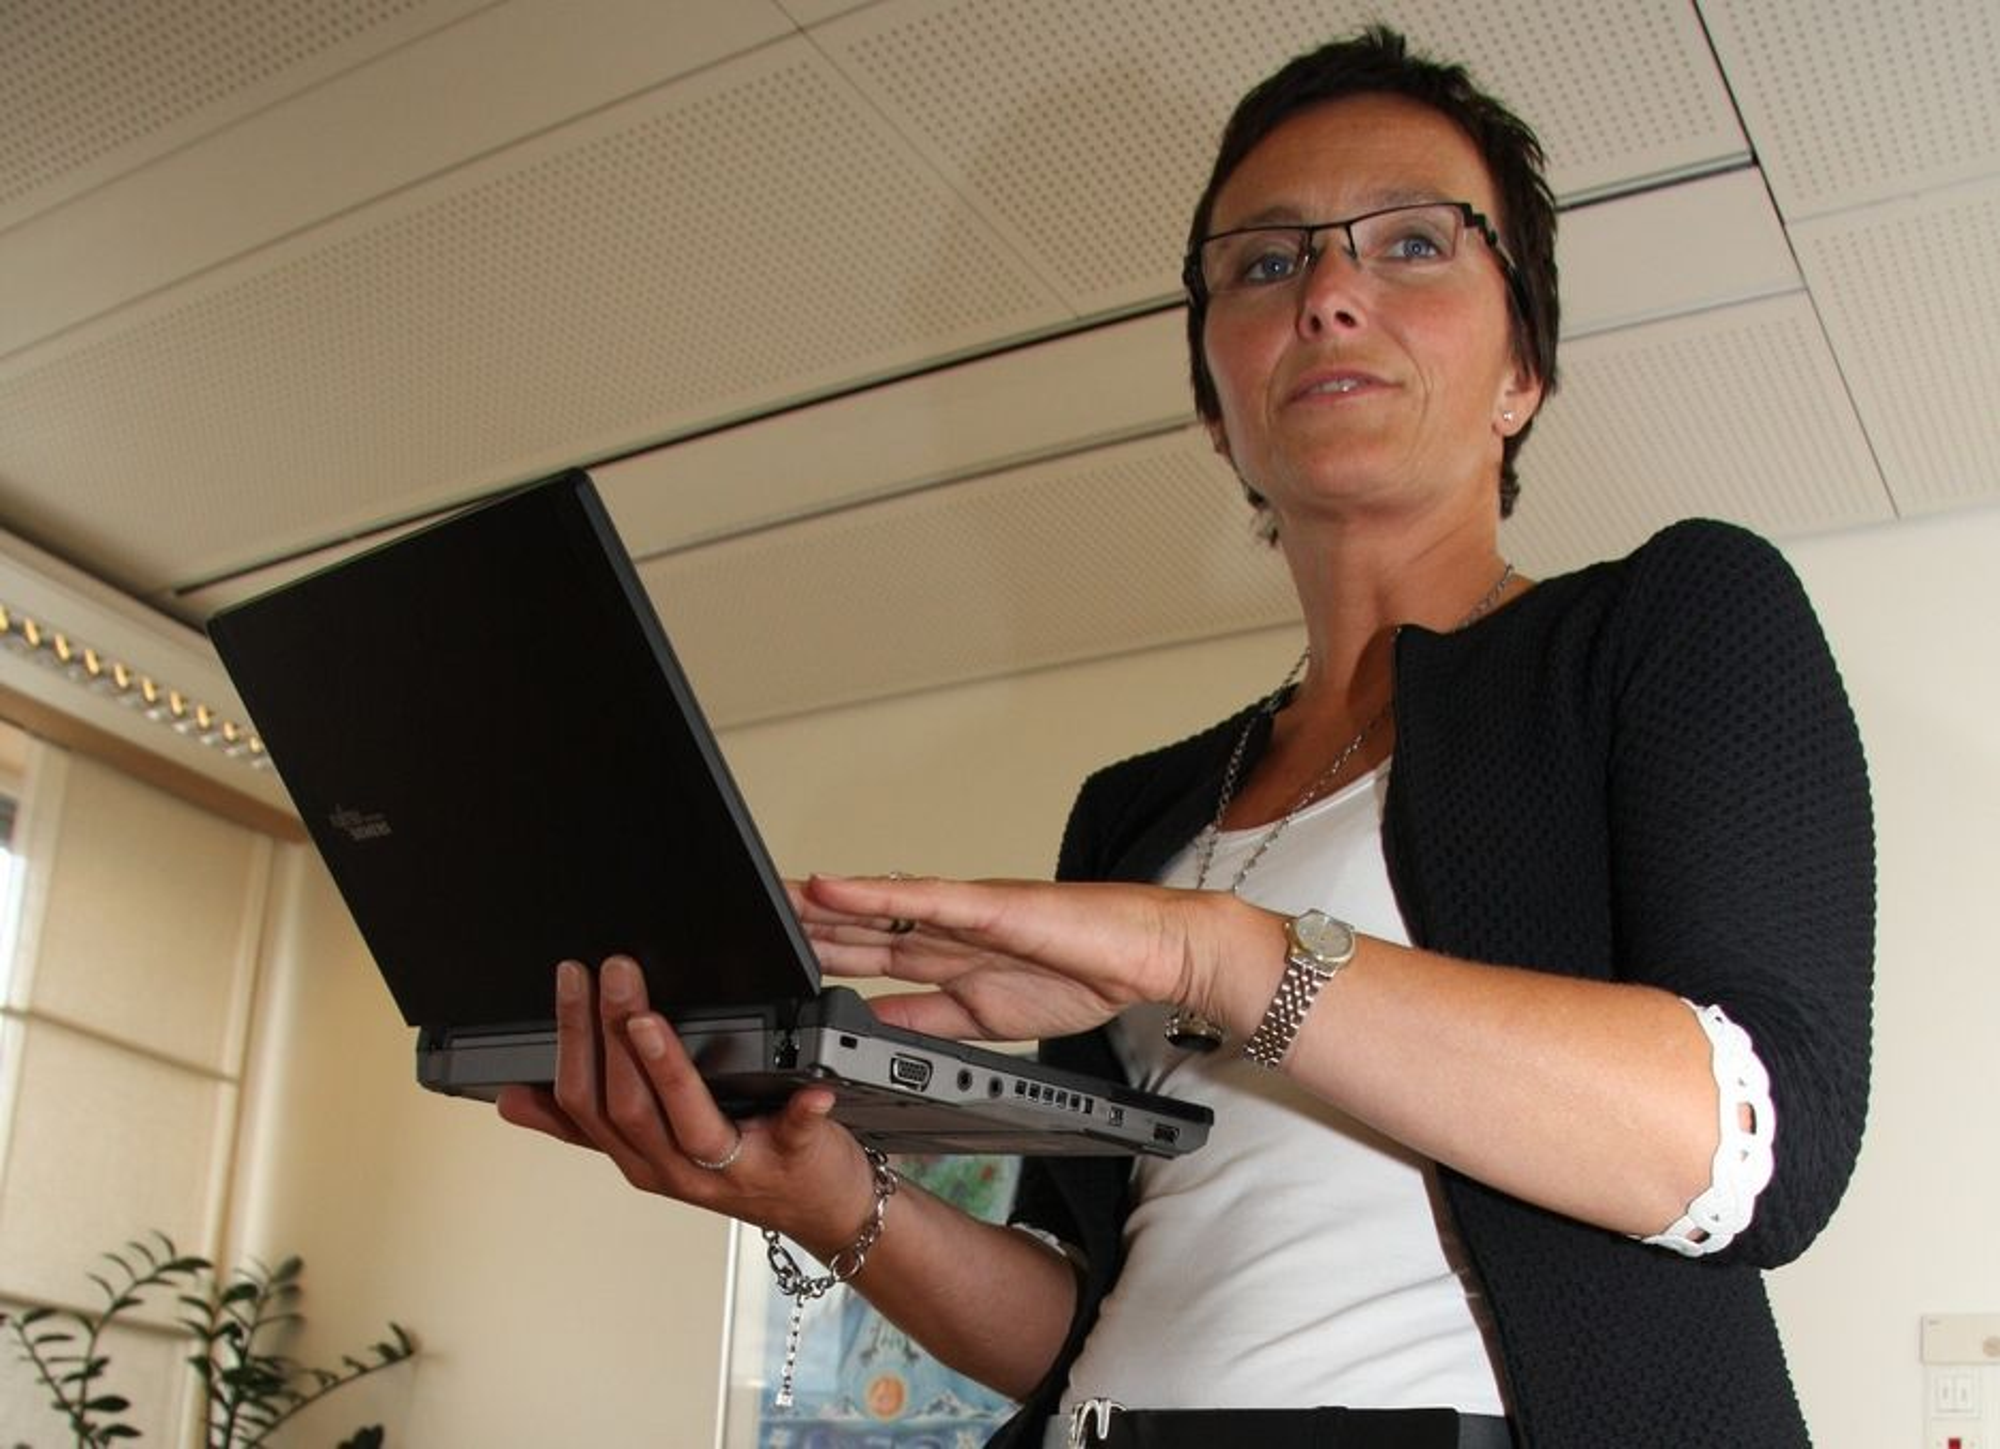 Motstrøms: IT-minister Heidi Grande Røys sliter med medarbeidere som holder seg til kjente farvann.